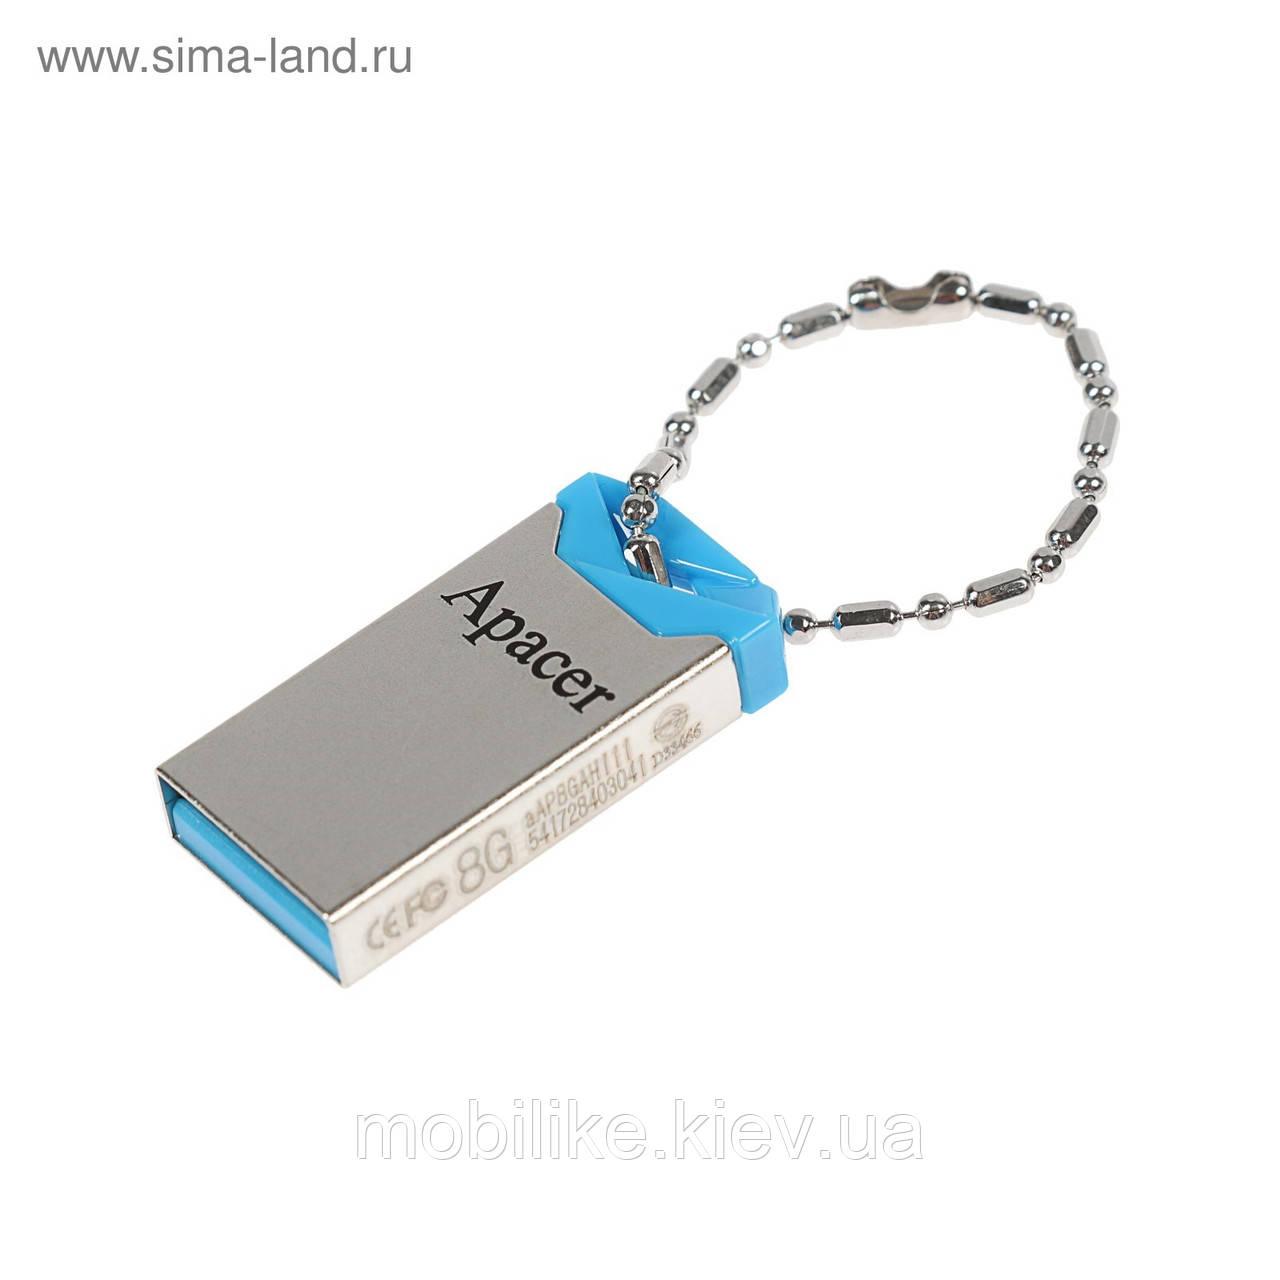 USB Flash 8Gb [Apacer] AH111